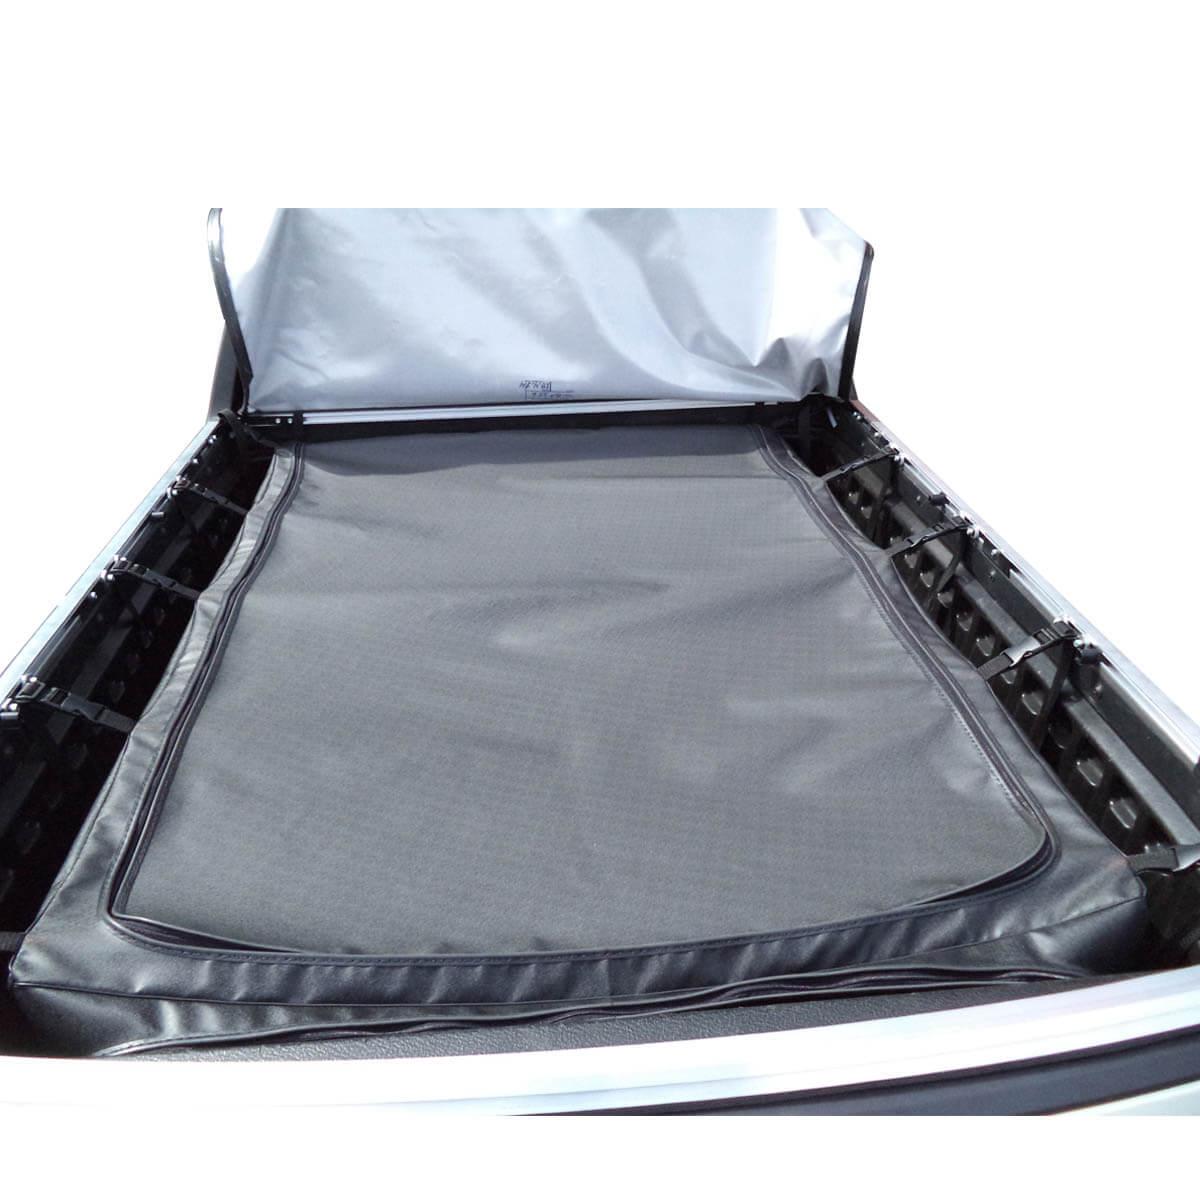 Bolsa caçamba estendida horizontal Nova S10 cabine simples 2012 a 2018